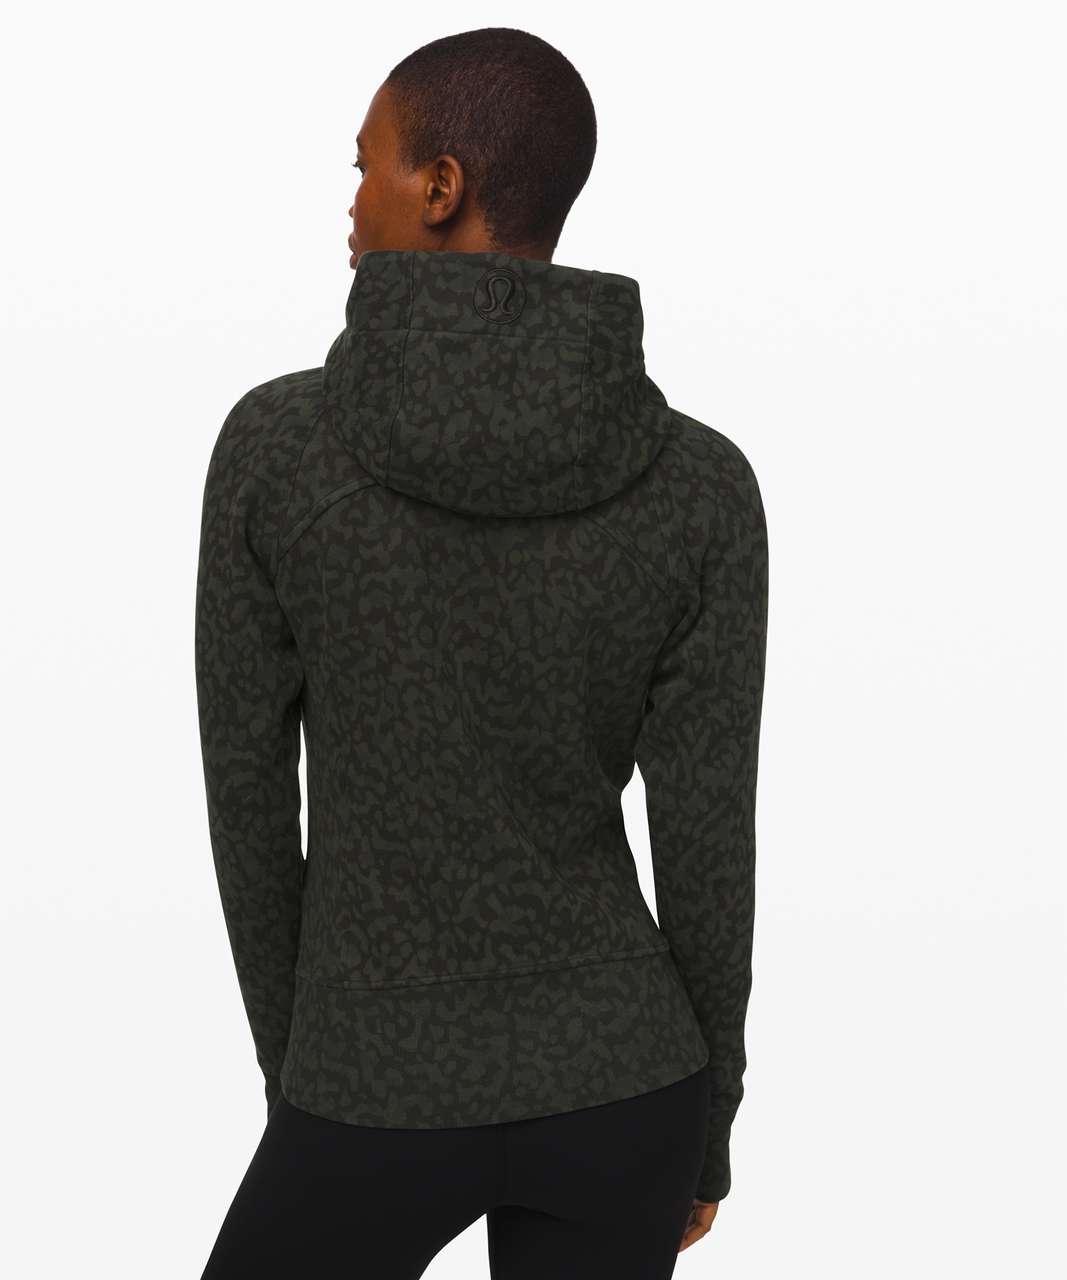 Lululemon Scuba Hoodie *Light Cotton Fleece - Formation Camo Evergreen Multi